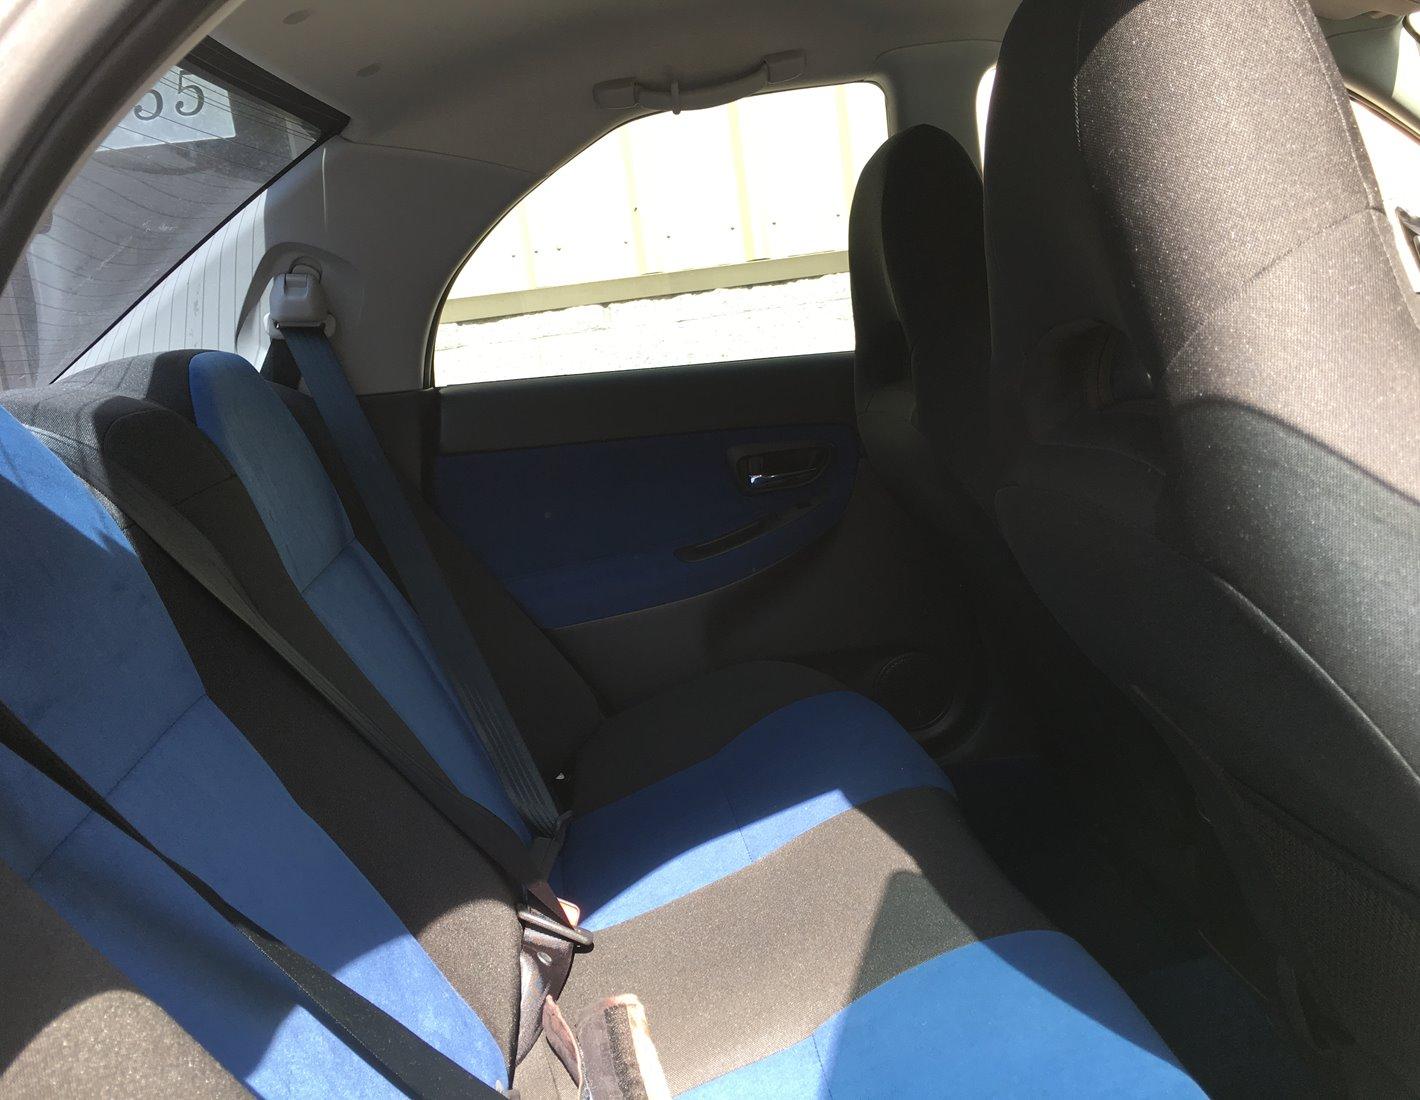 Craigslist Fresno Madera >> Premier Auto Visalia | Upcomingcarshq.com